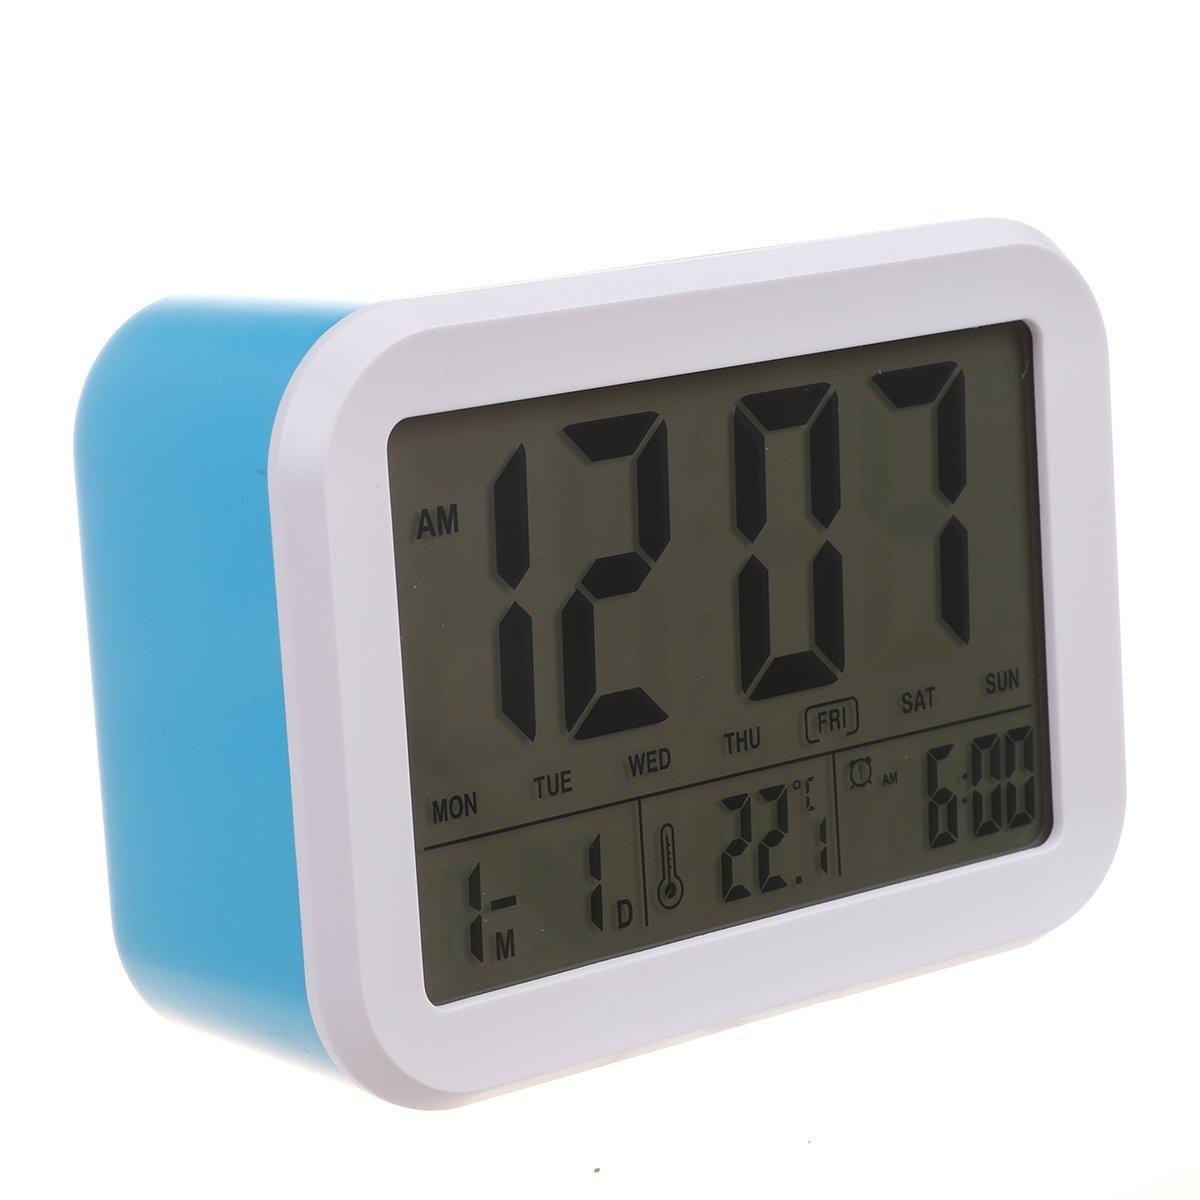 Digital Alarm Clock, Parlando Orologio Con 3 Allarmi 7 Suoni Giorno Della Settimana Allarme Opzionale, Intelligente Nottilucenti & Funzione Snooze, Ba Vendita Calda Di Prodotti